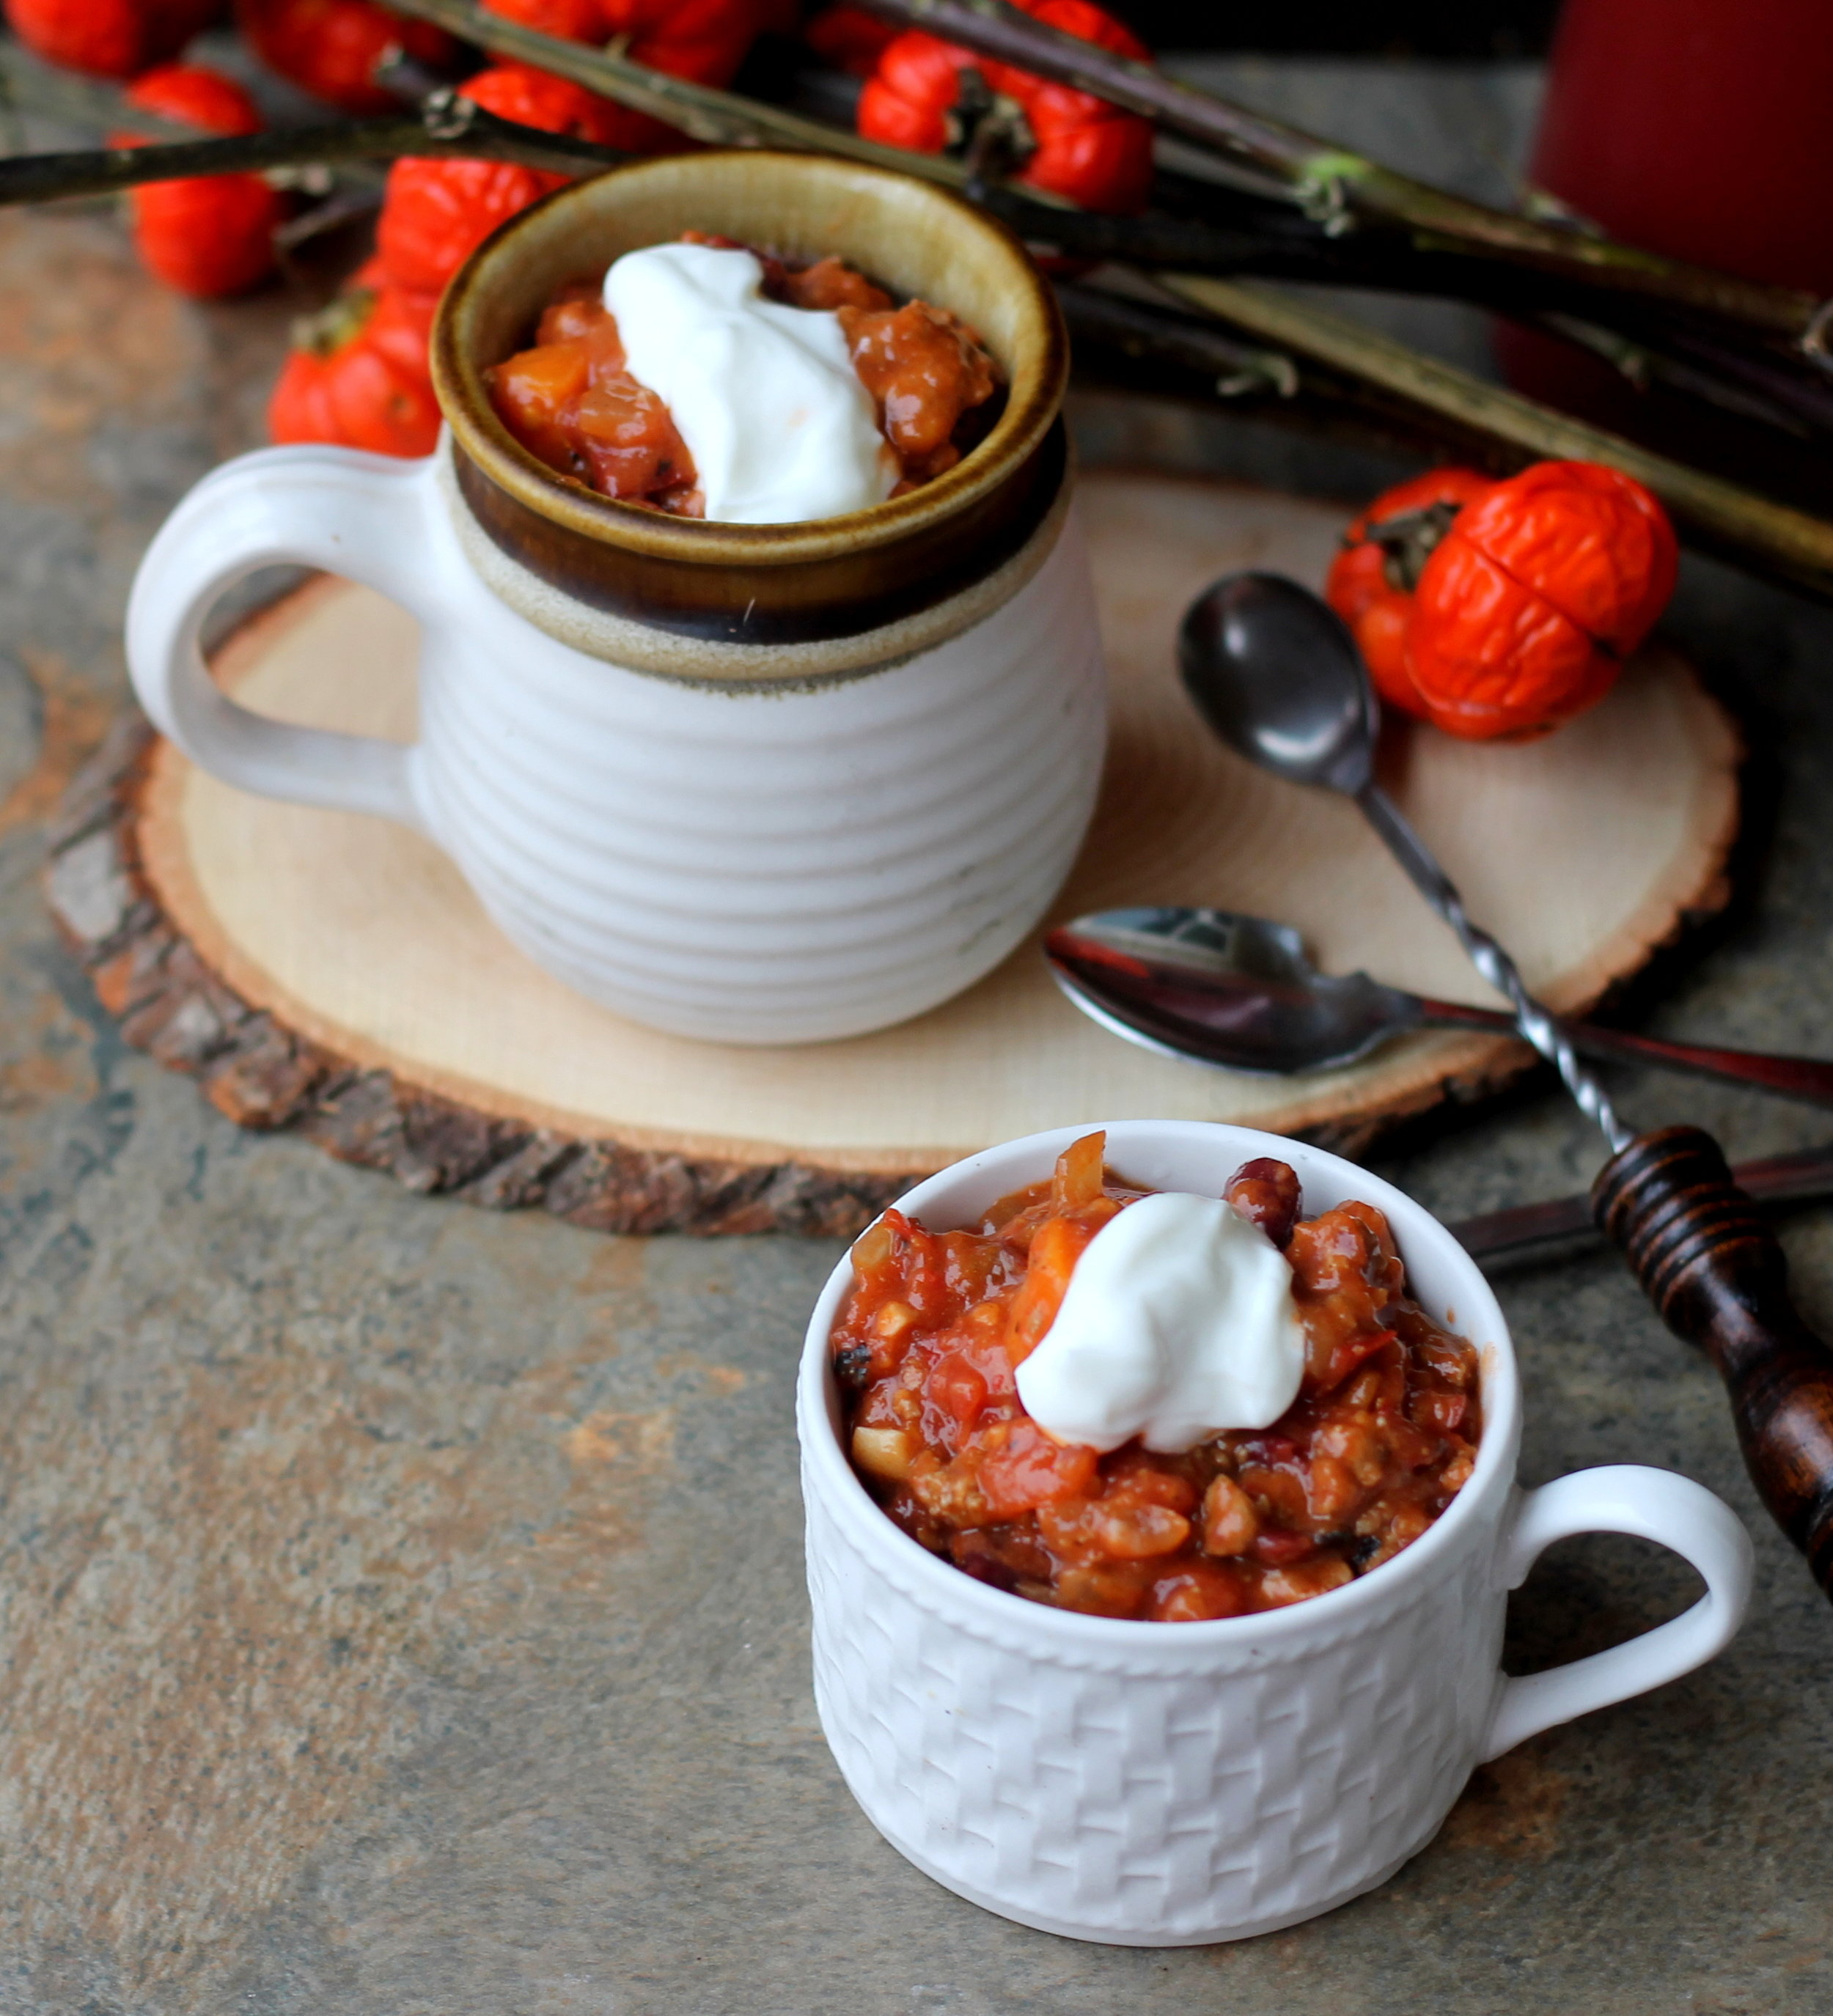 chipotle chili hygge fall and winter recipes